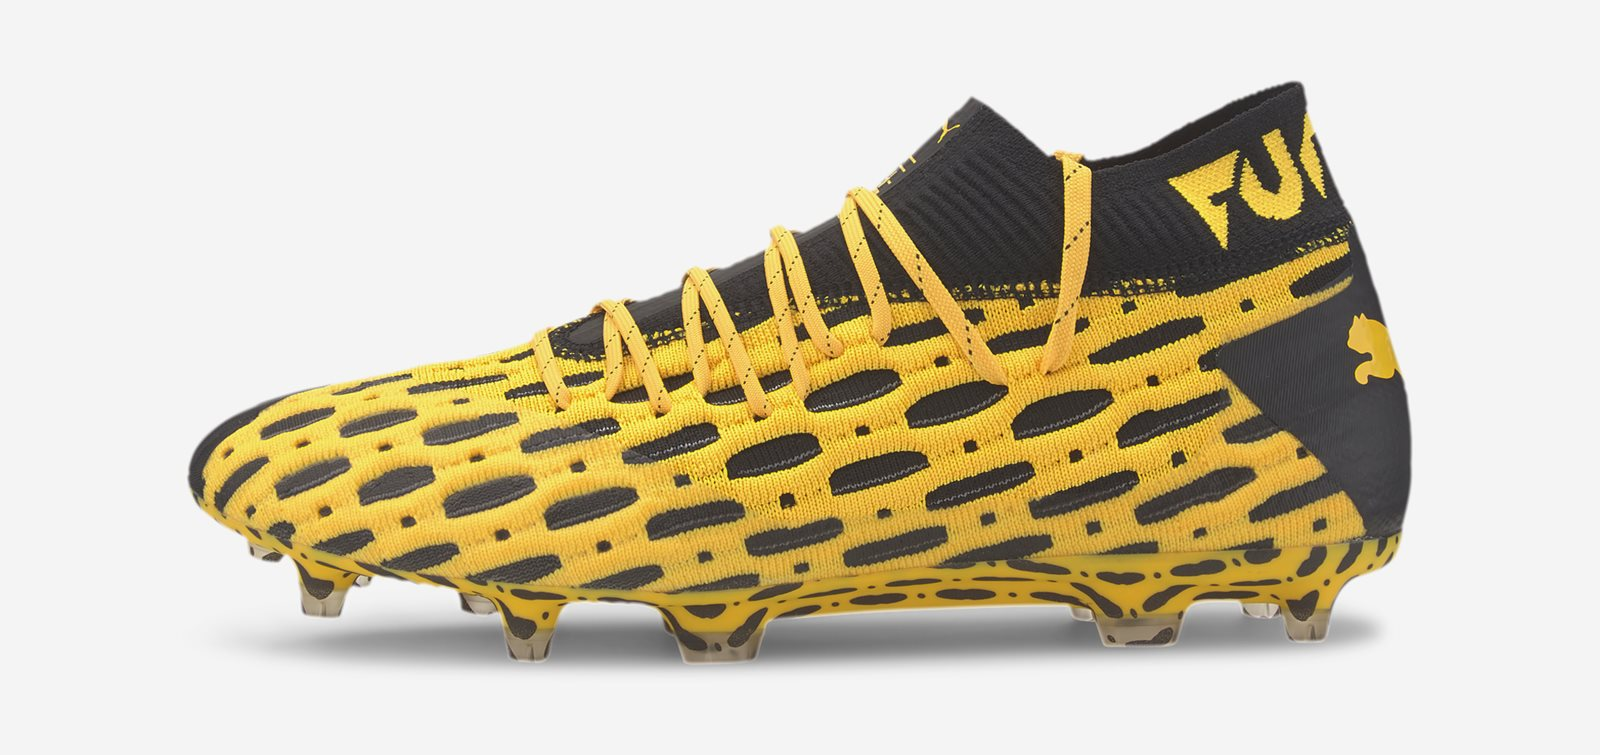 Giày đá banh Puma Future Netfit 5.1 với thiết kế da vải trọng lượng nhẹ